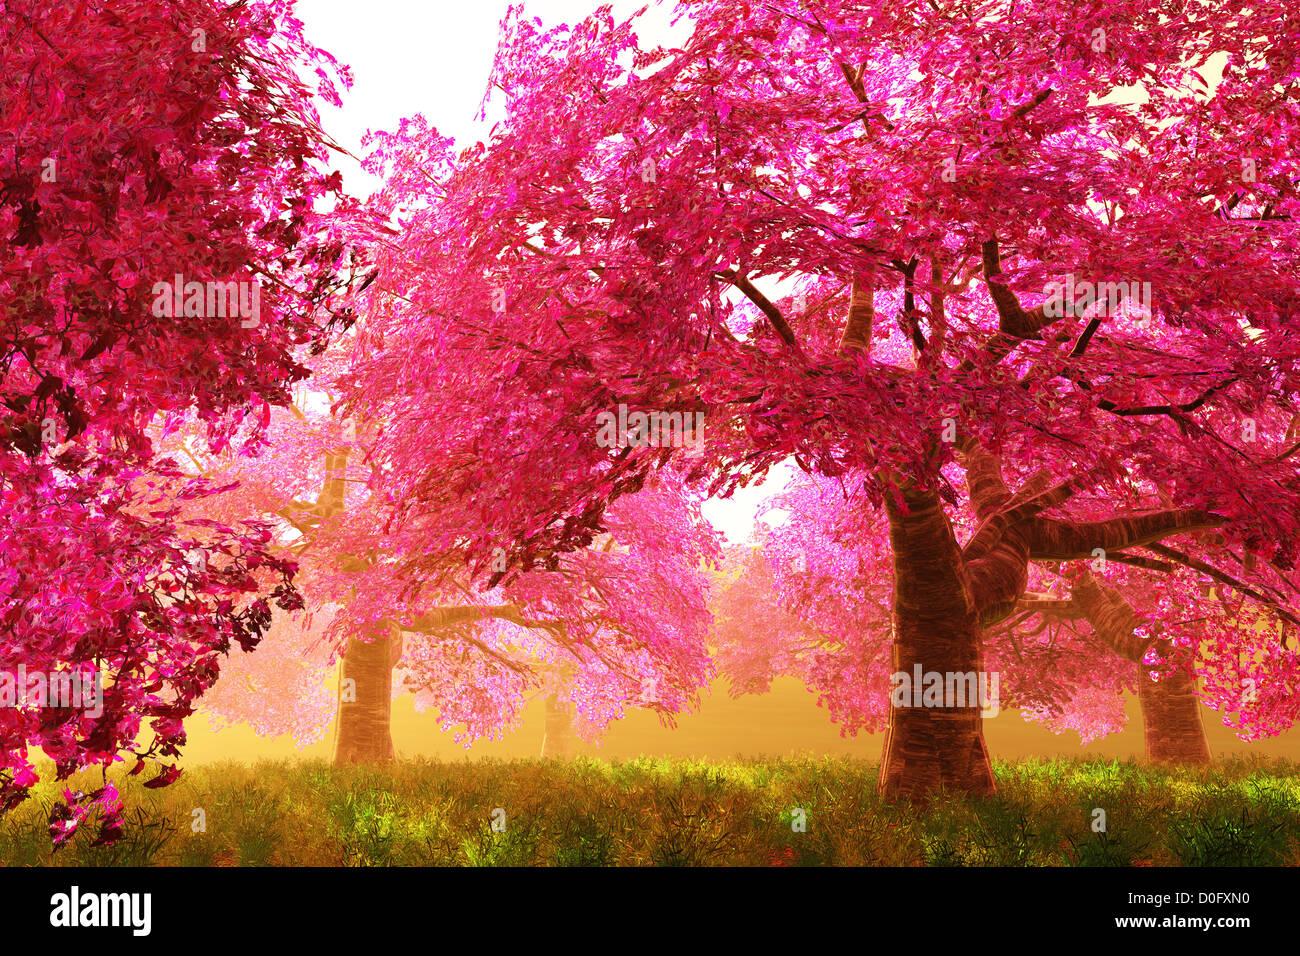 Les Fleurs De Cerisier Mysterieux Jardin Japonais Rendu 3d Cartoon